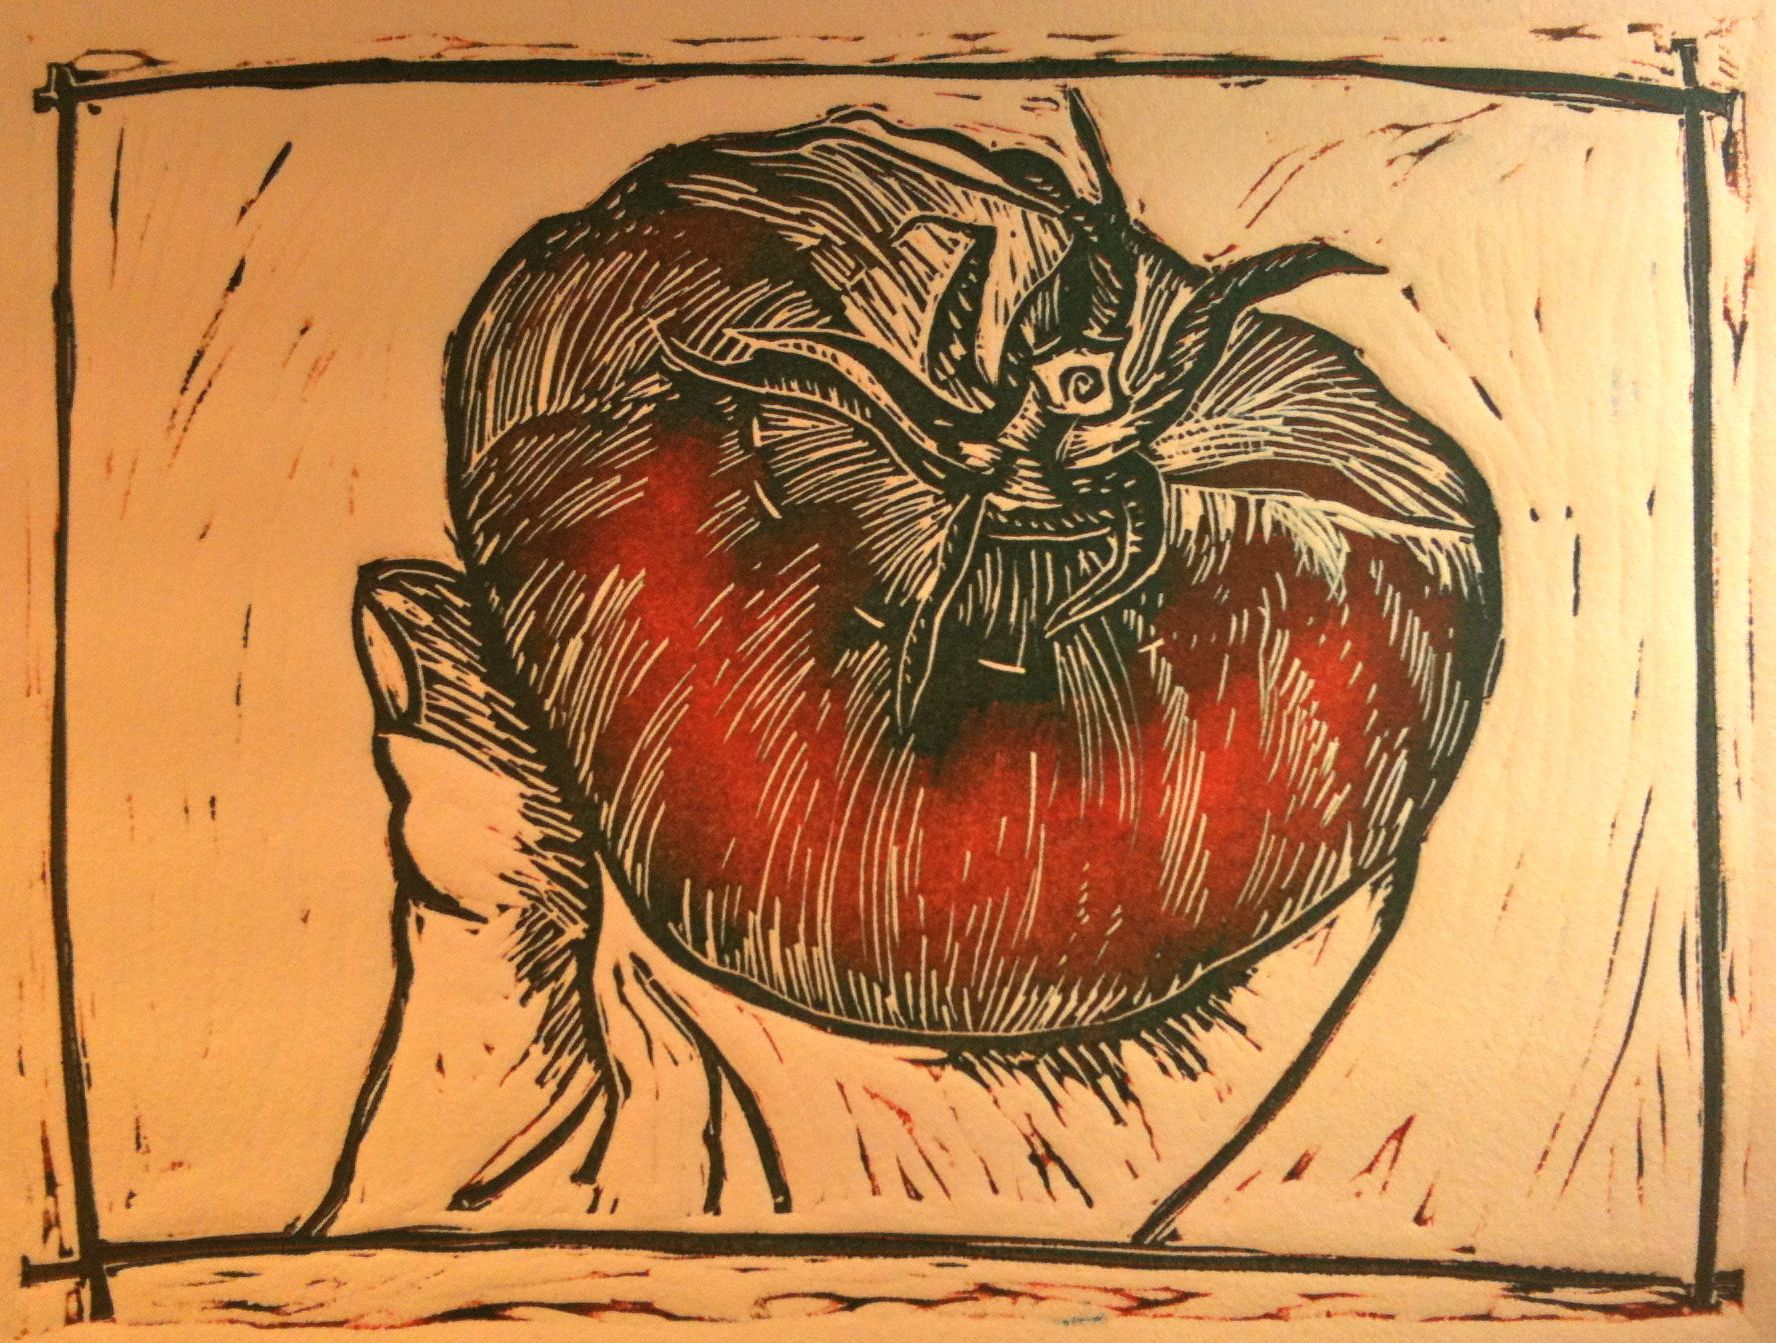 16 Priscilla Read, Tomato, Monprint